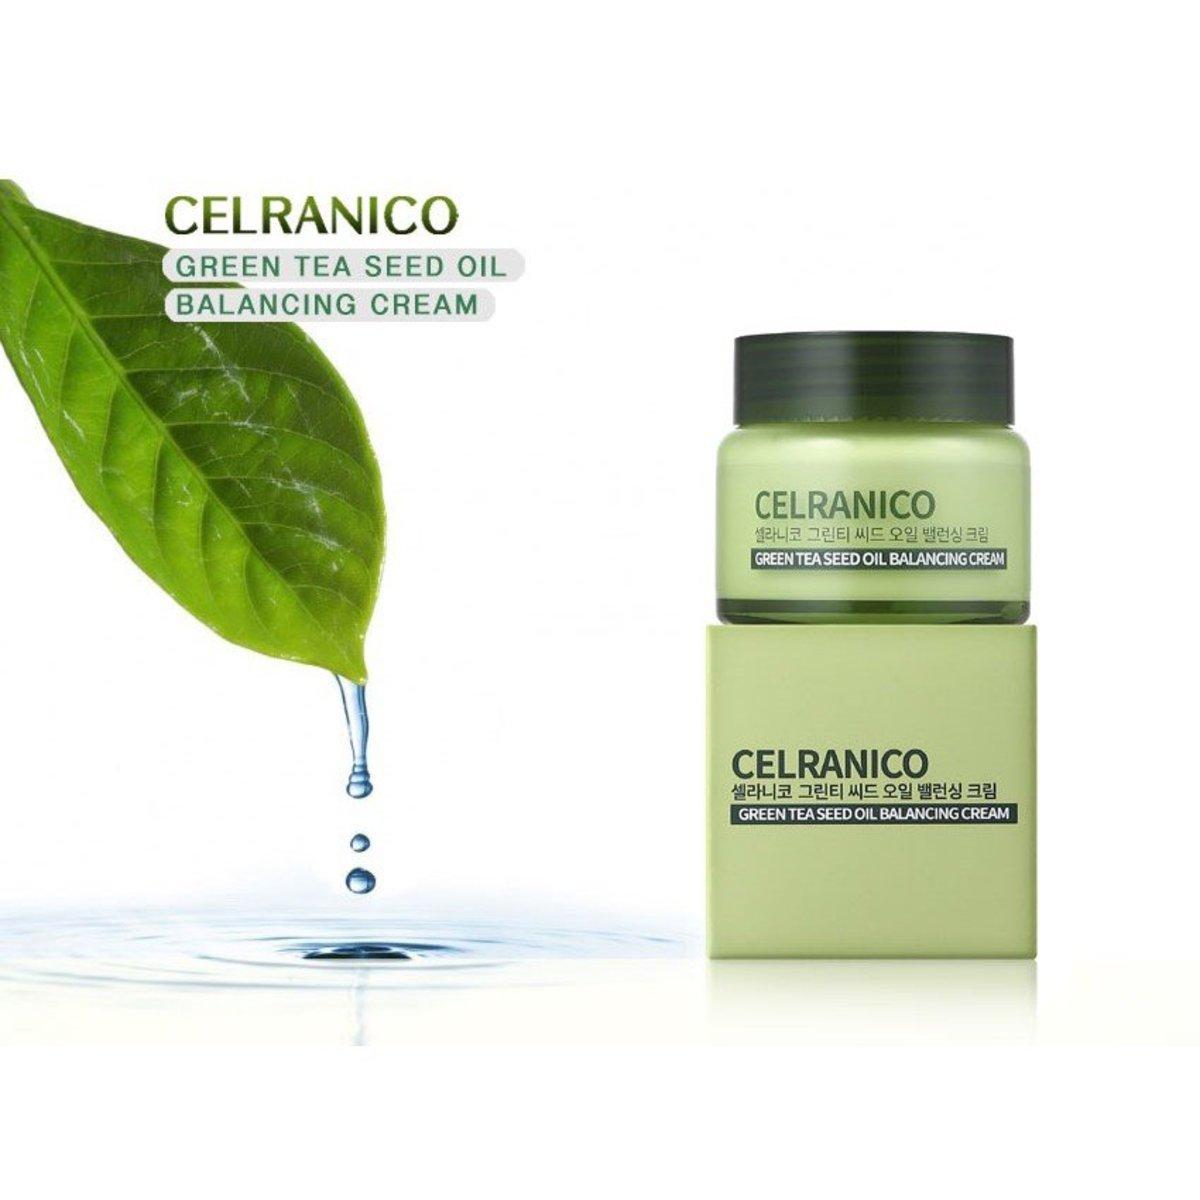 Celranico 綠茶籽油平衡面霜 50ml [平行進口] - 特價優惠